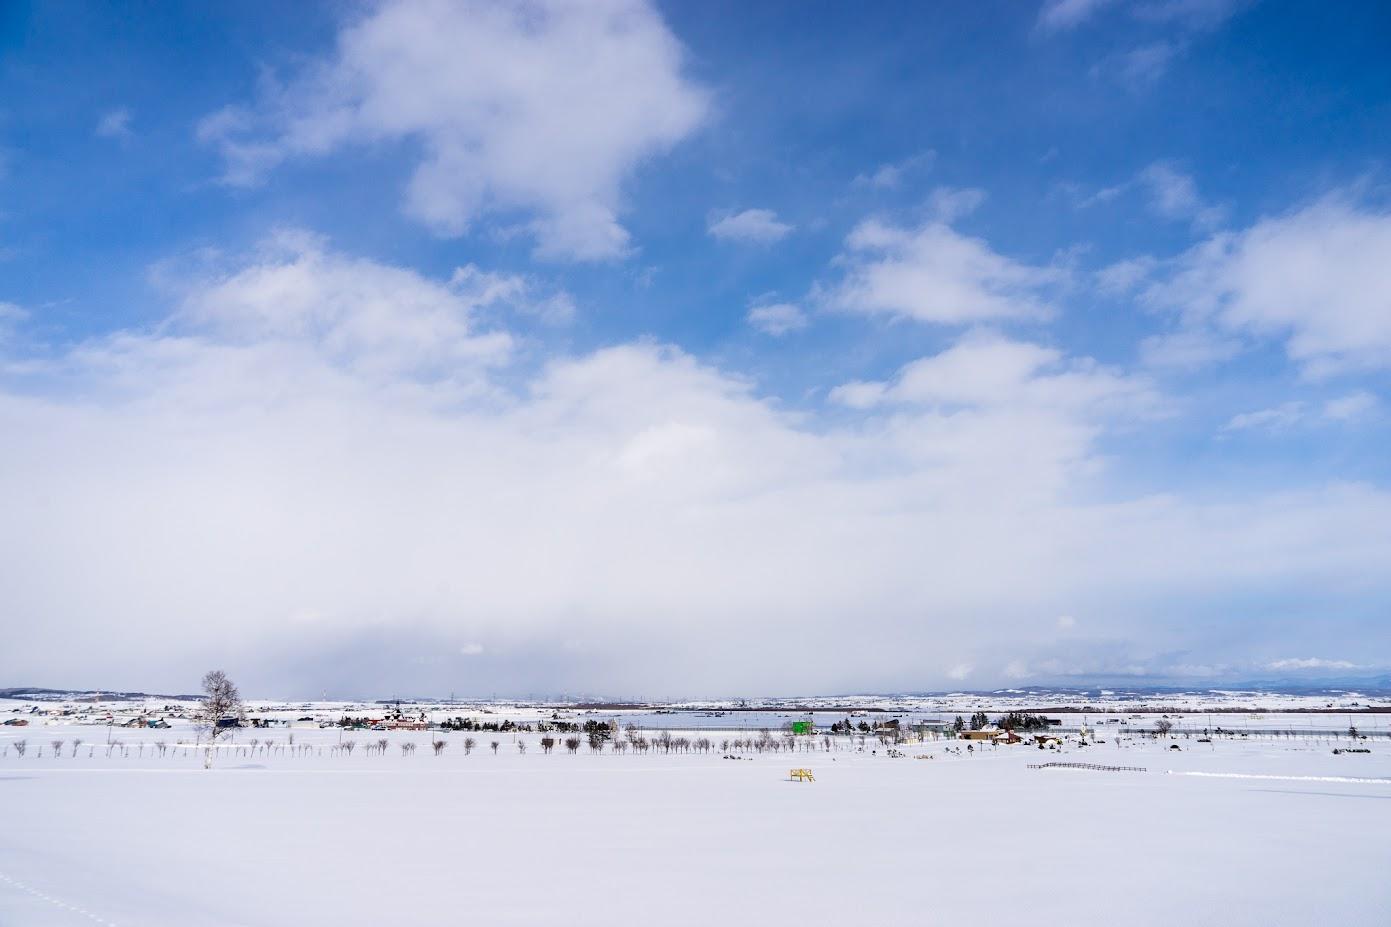 ひまわりの里に広がる真っ白な雪原